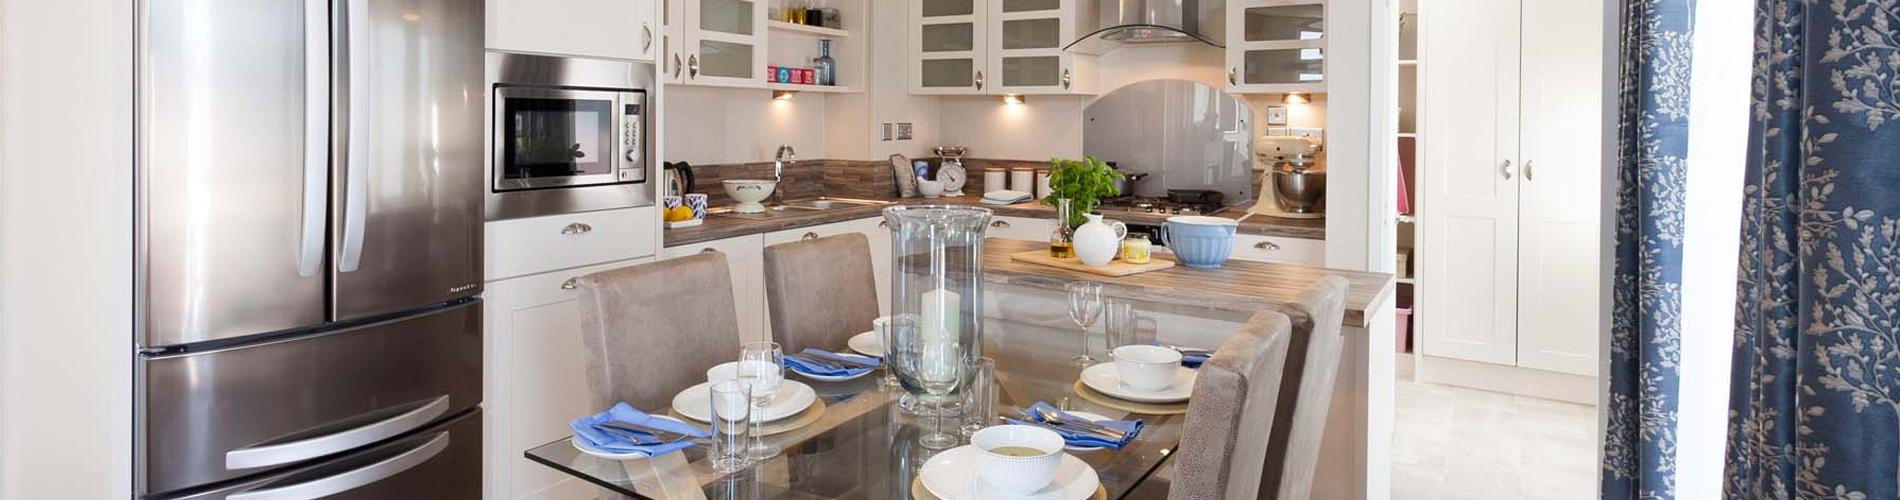 rivendale_kitchen